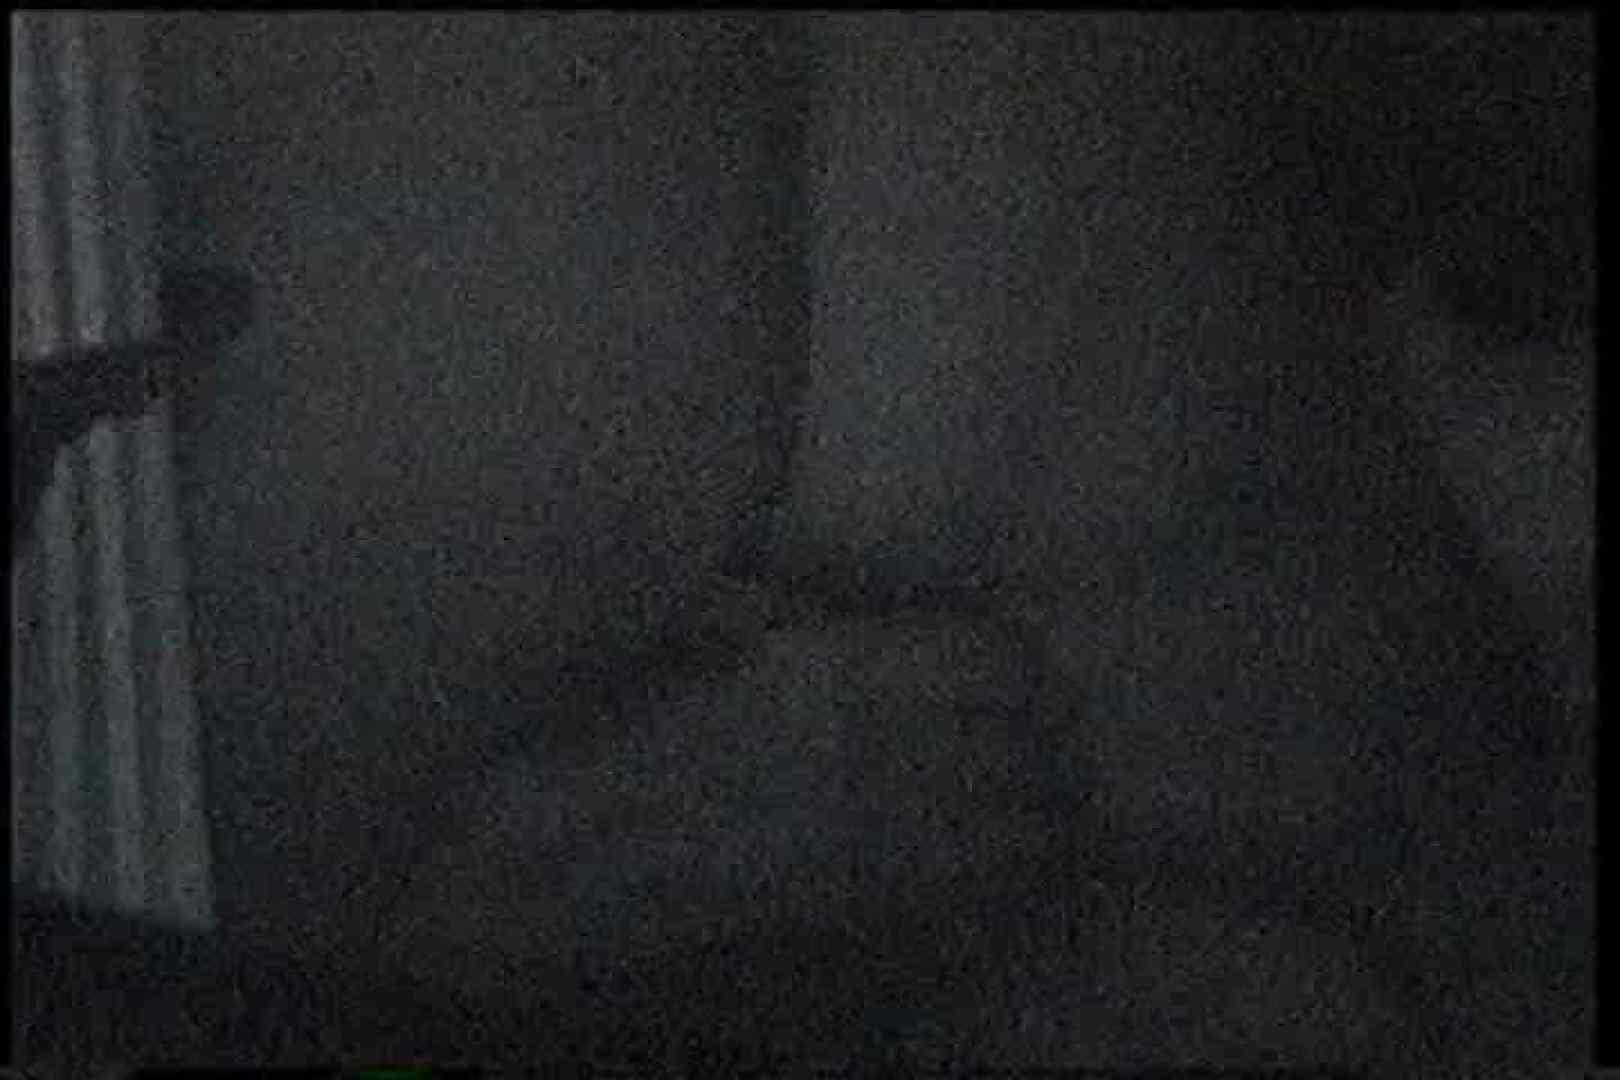 「充血監督」さんの深夜の運動会!! vol.163 フェラチオシーン すけべAV動画紹介 110pic 110